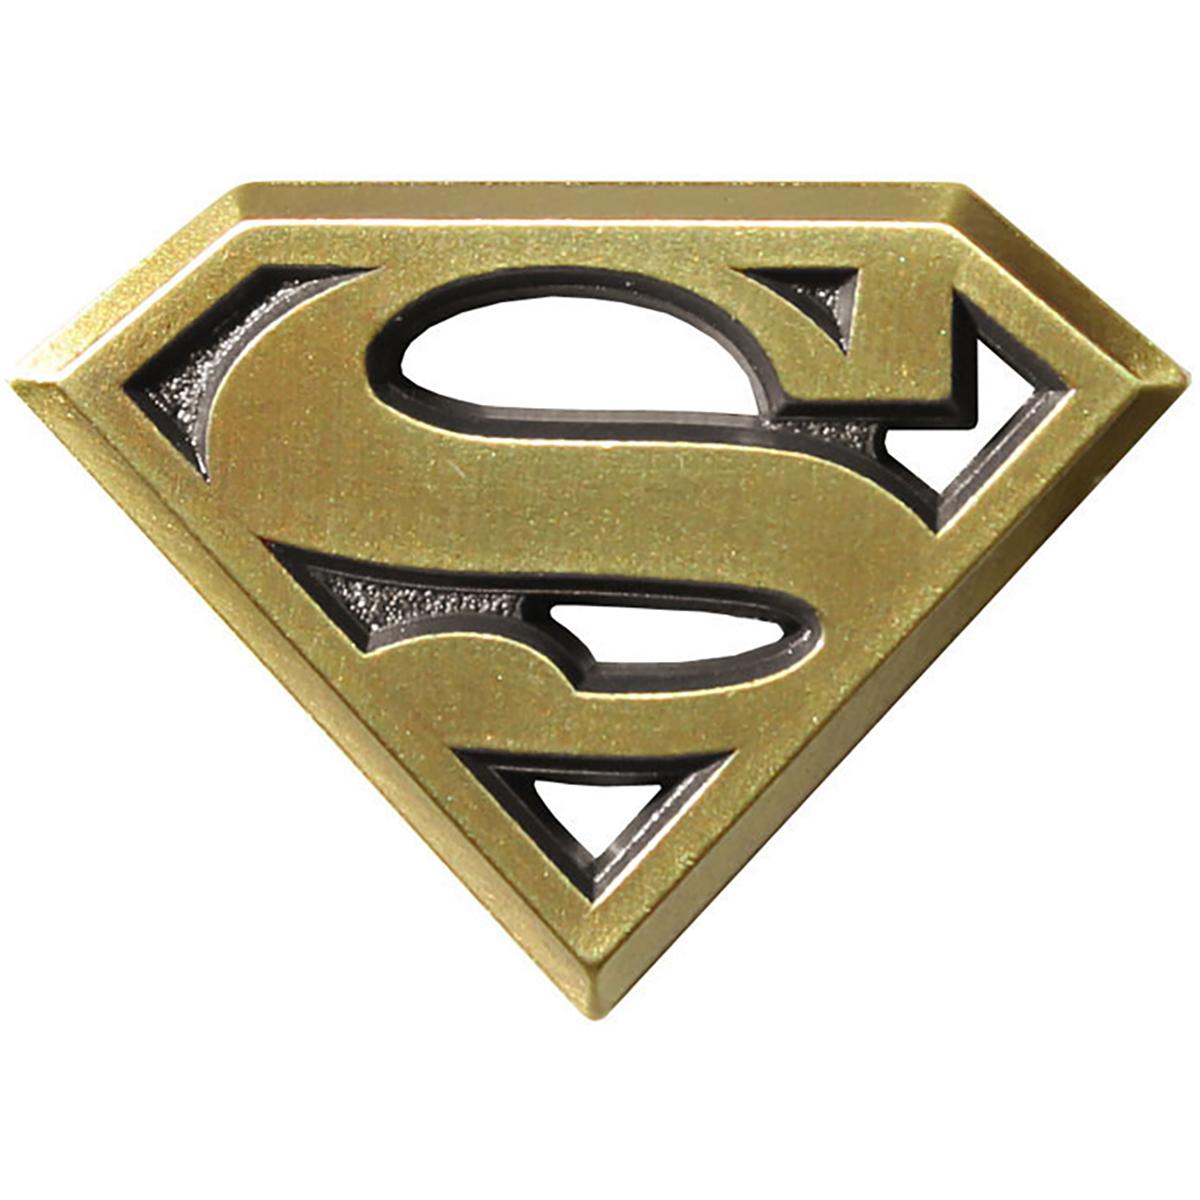 スーパーマン ビッグマーカー